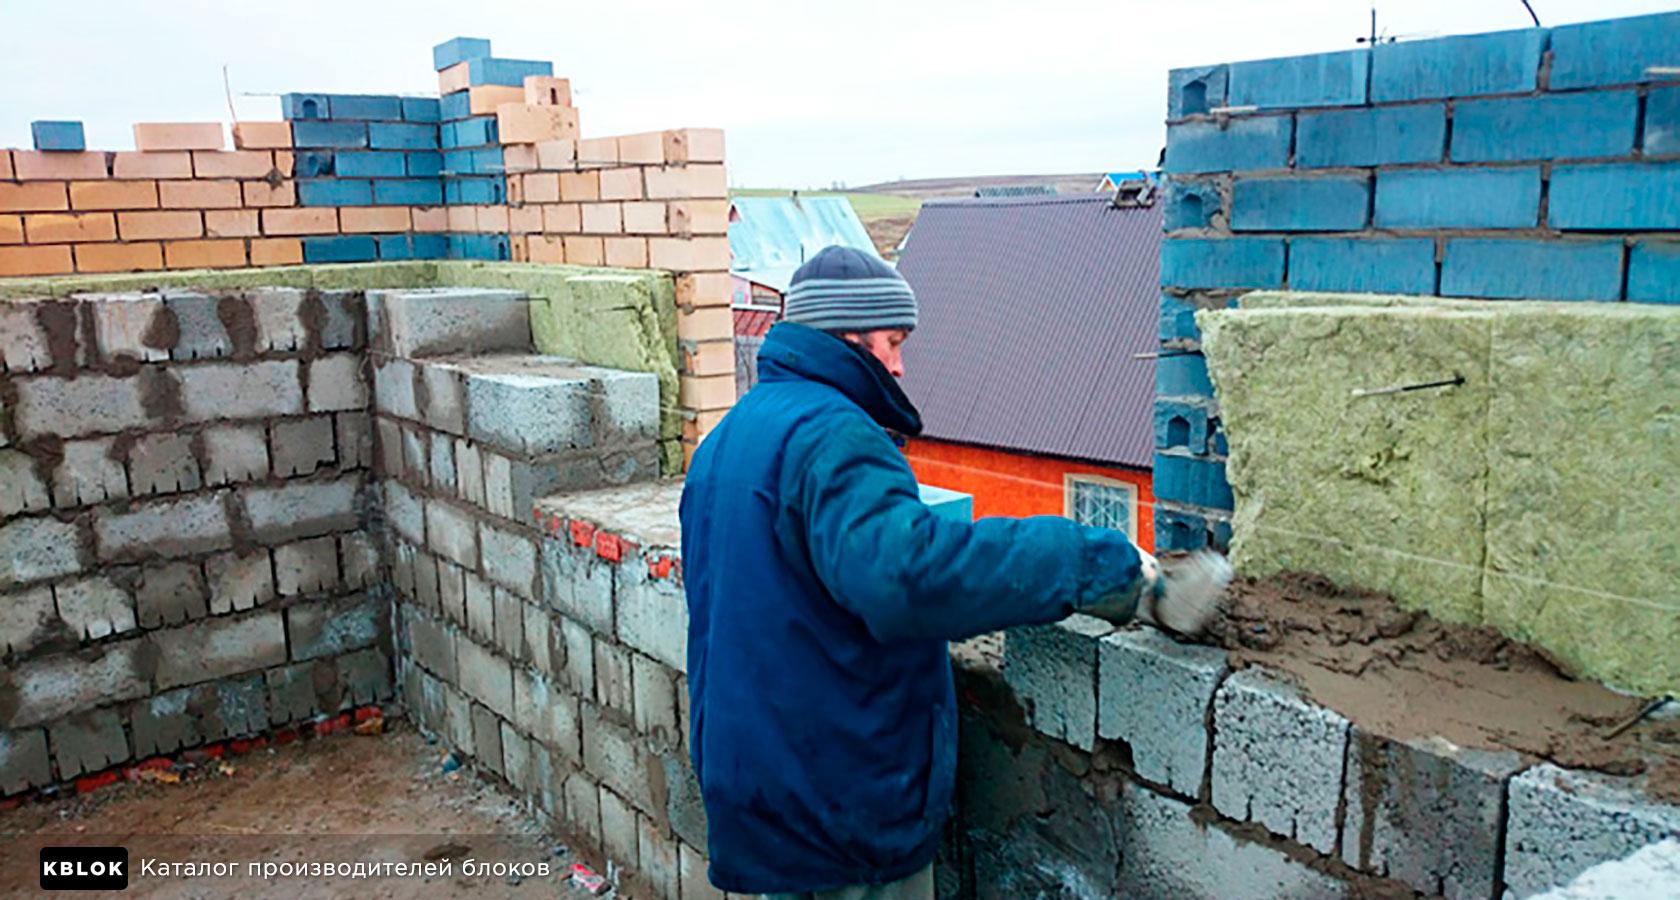 Дом керамзитобетон и кирпич ли бетон